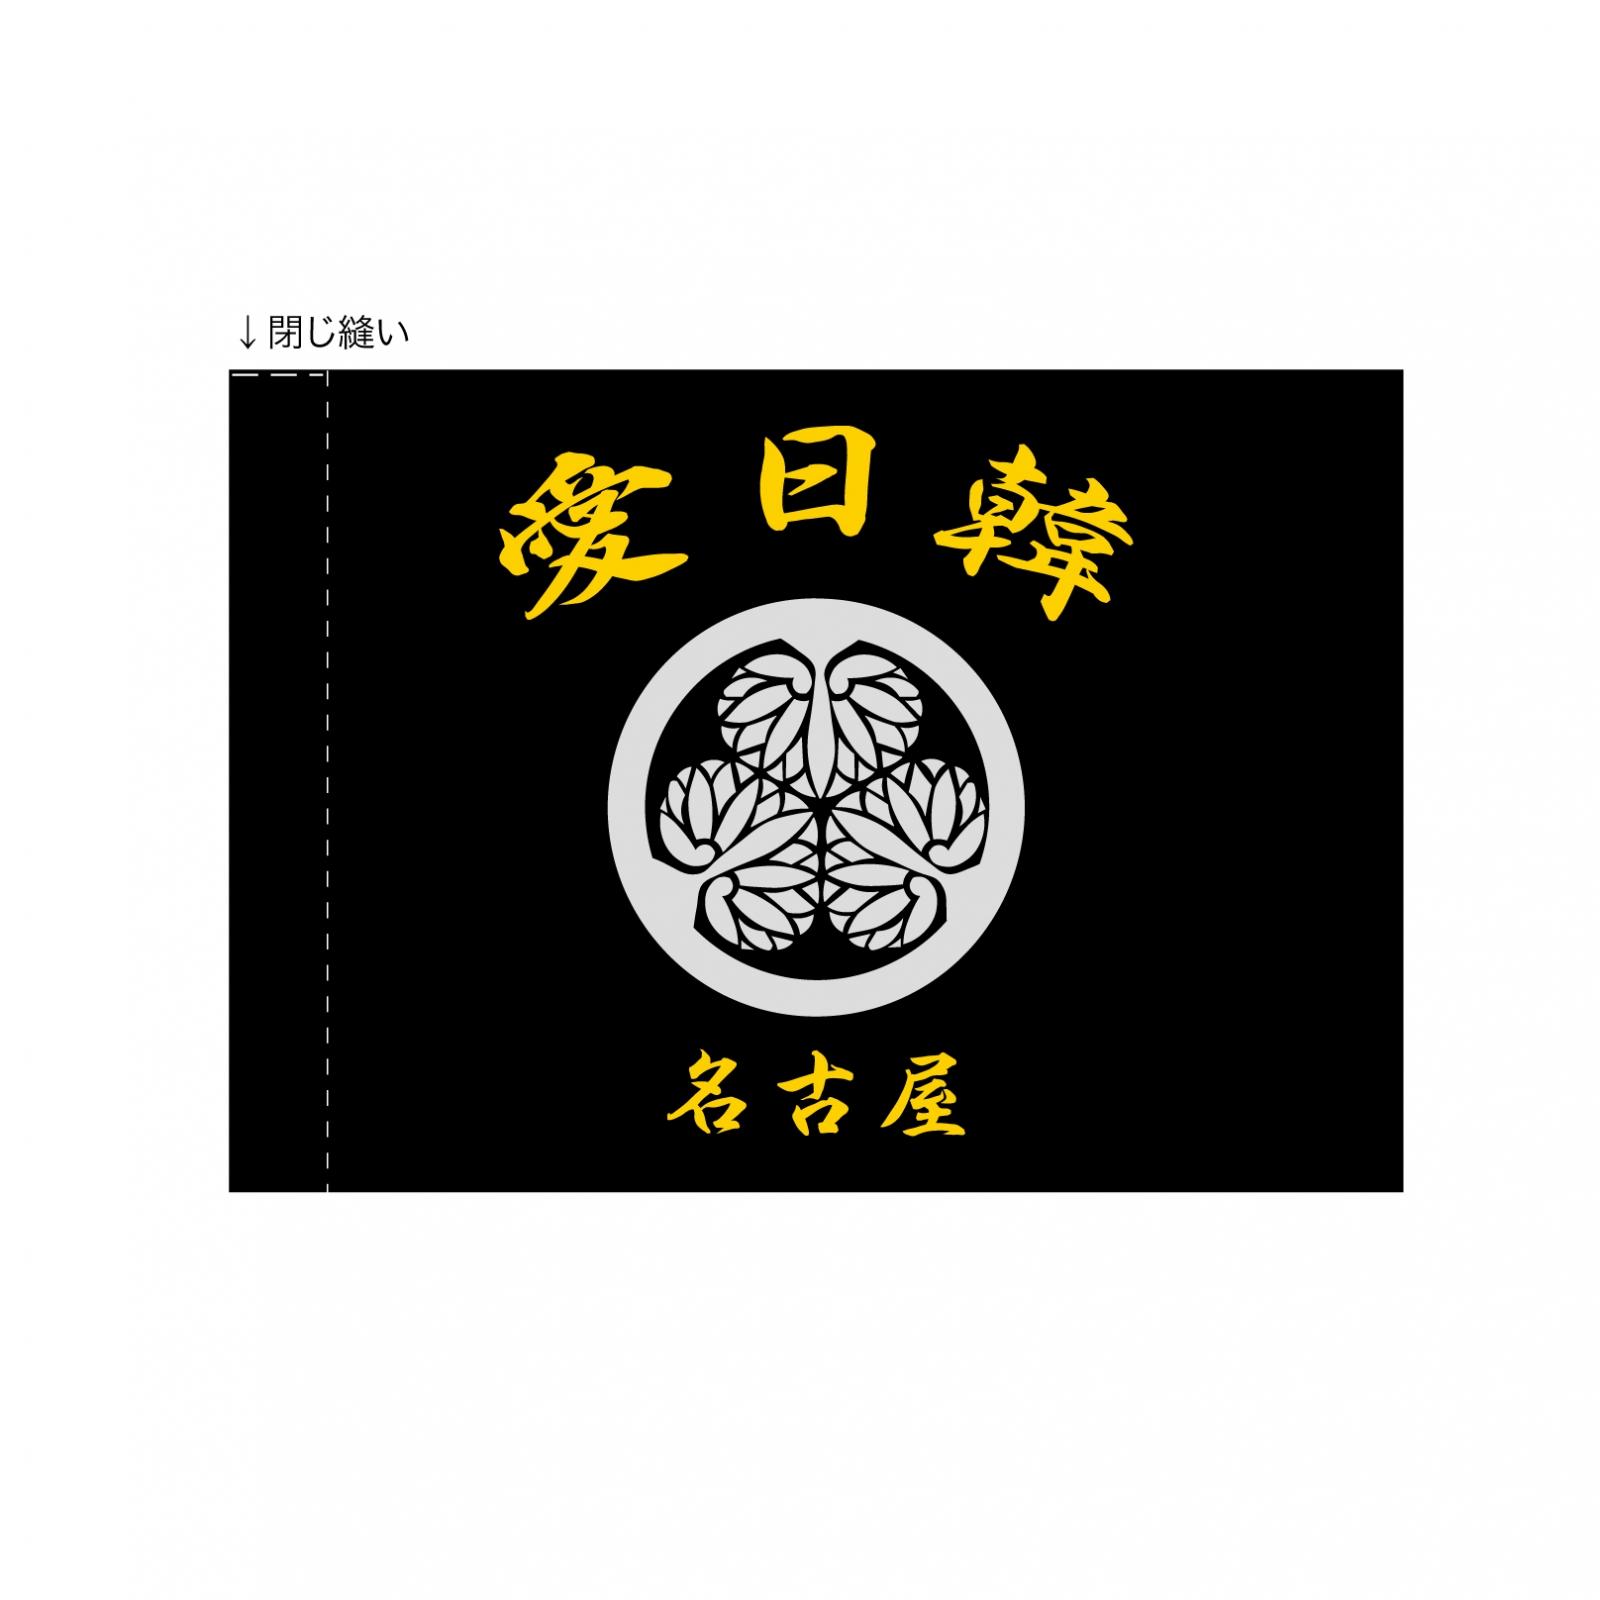 バイクチームの手旗